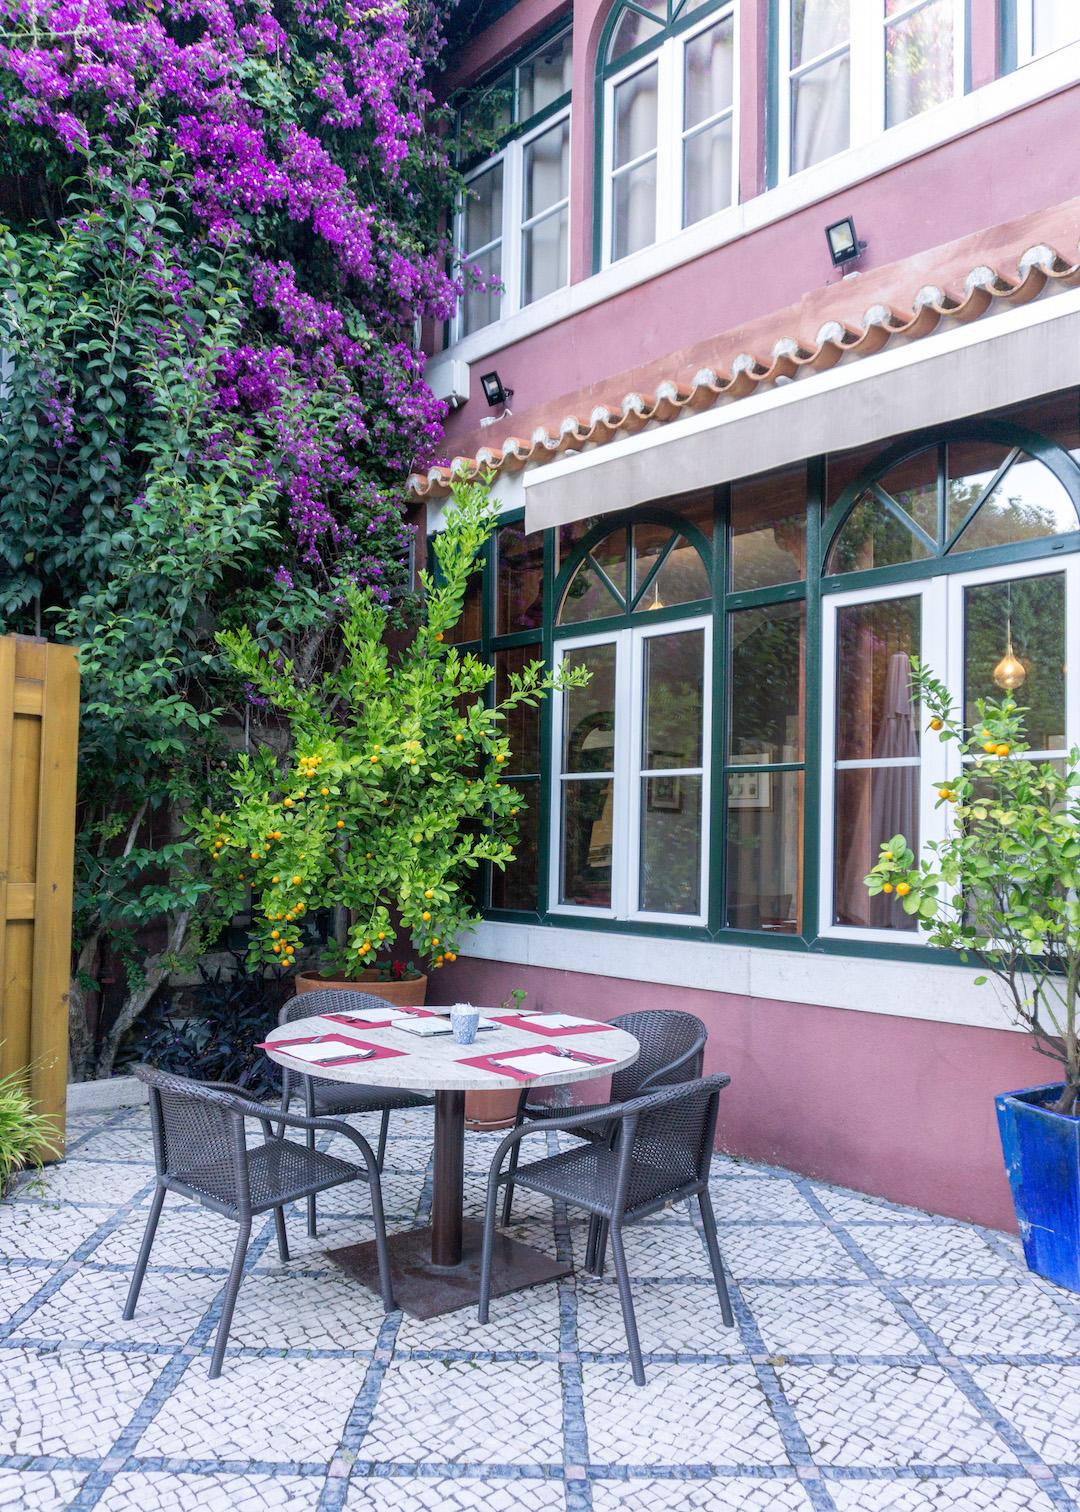 Her_Travel_Edit_Lisbon_York_House_Breakfast